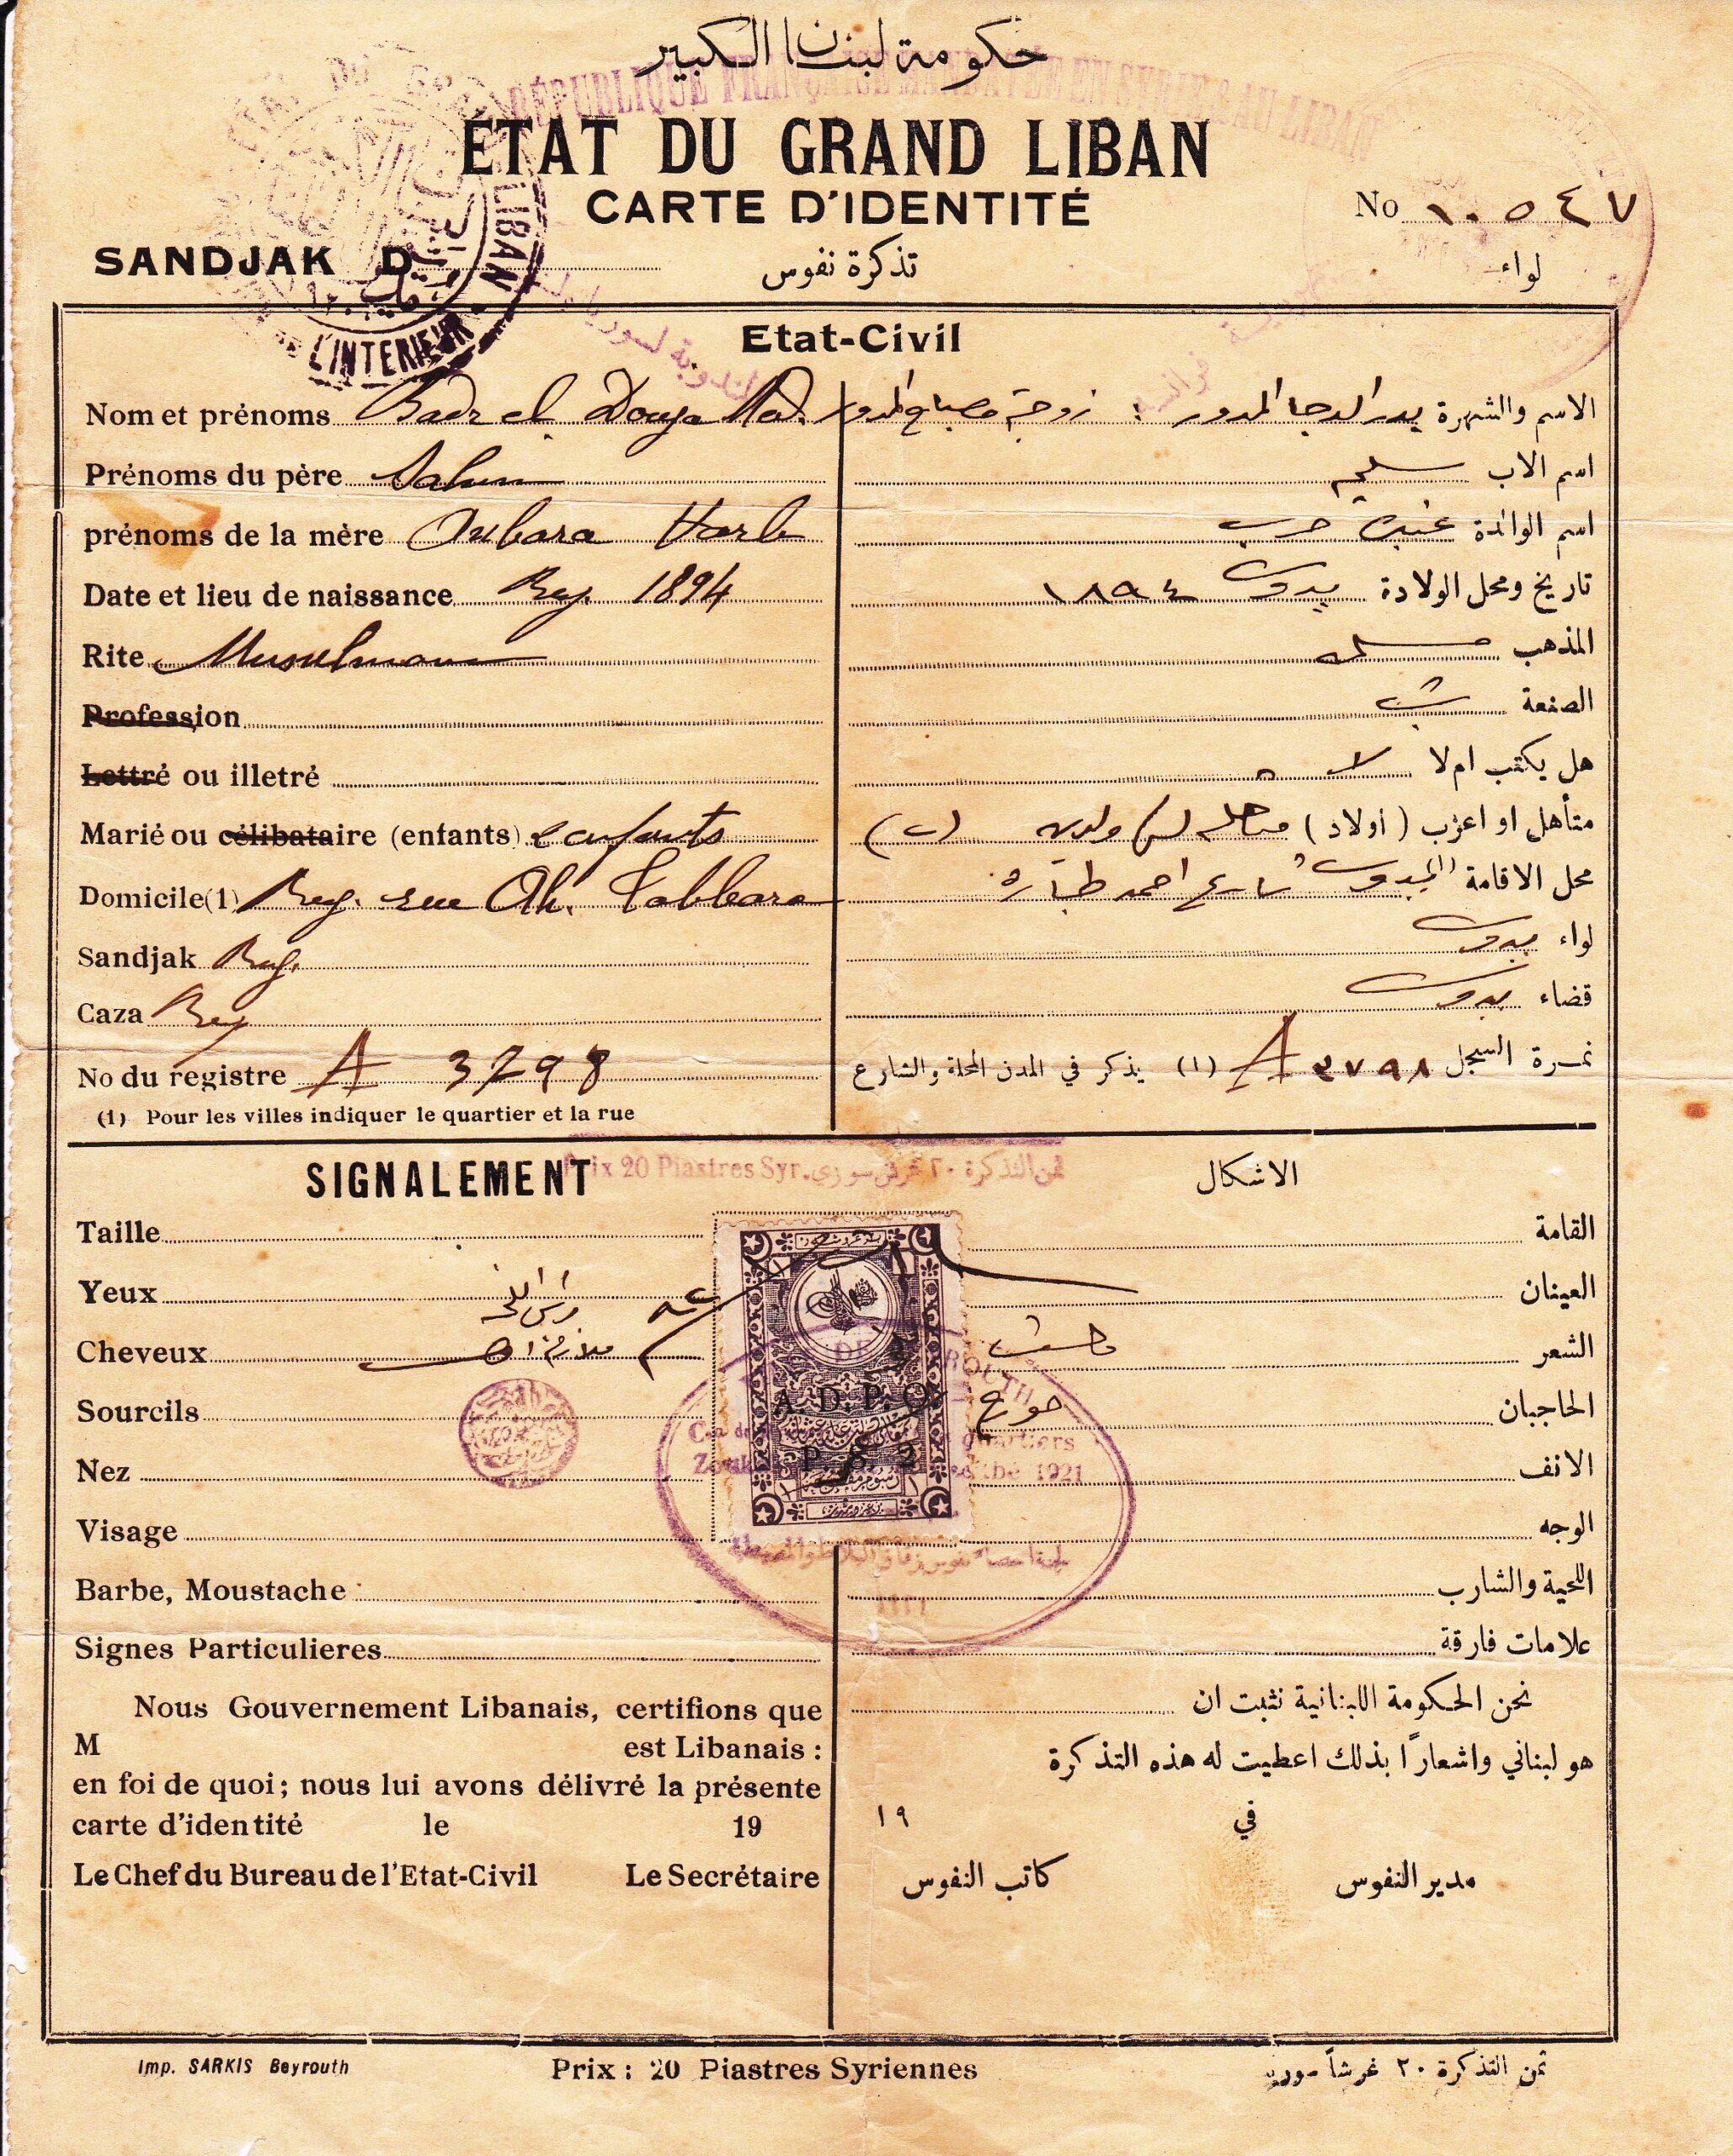 هل من سند قانوني لذكر الطائفة في الوثائق وسجلات النفوس اللبنانية؟